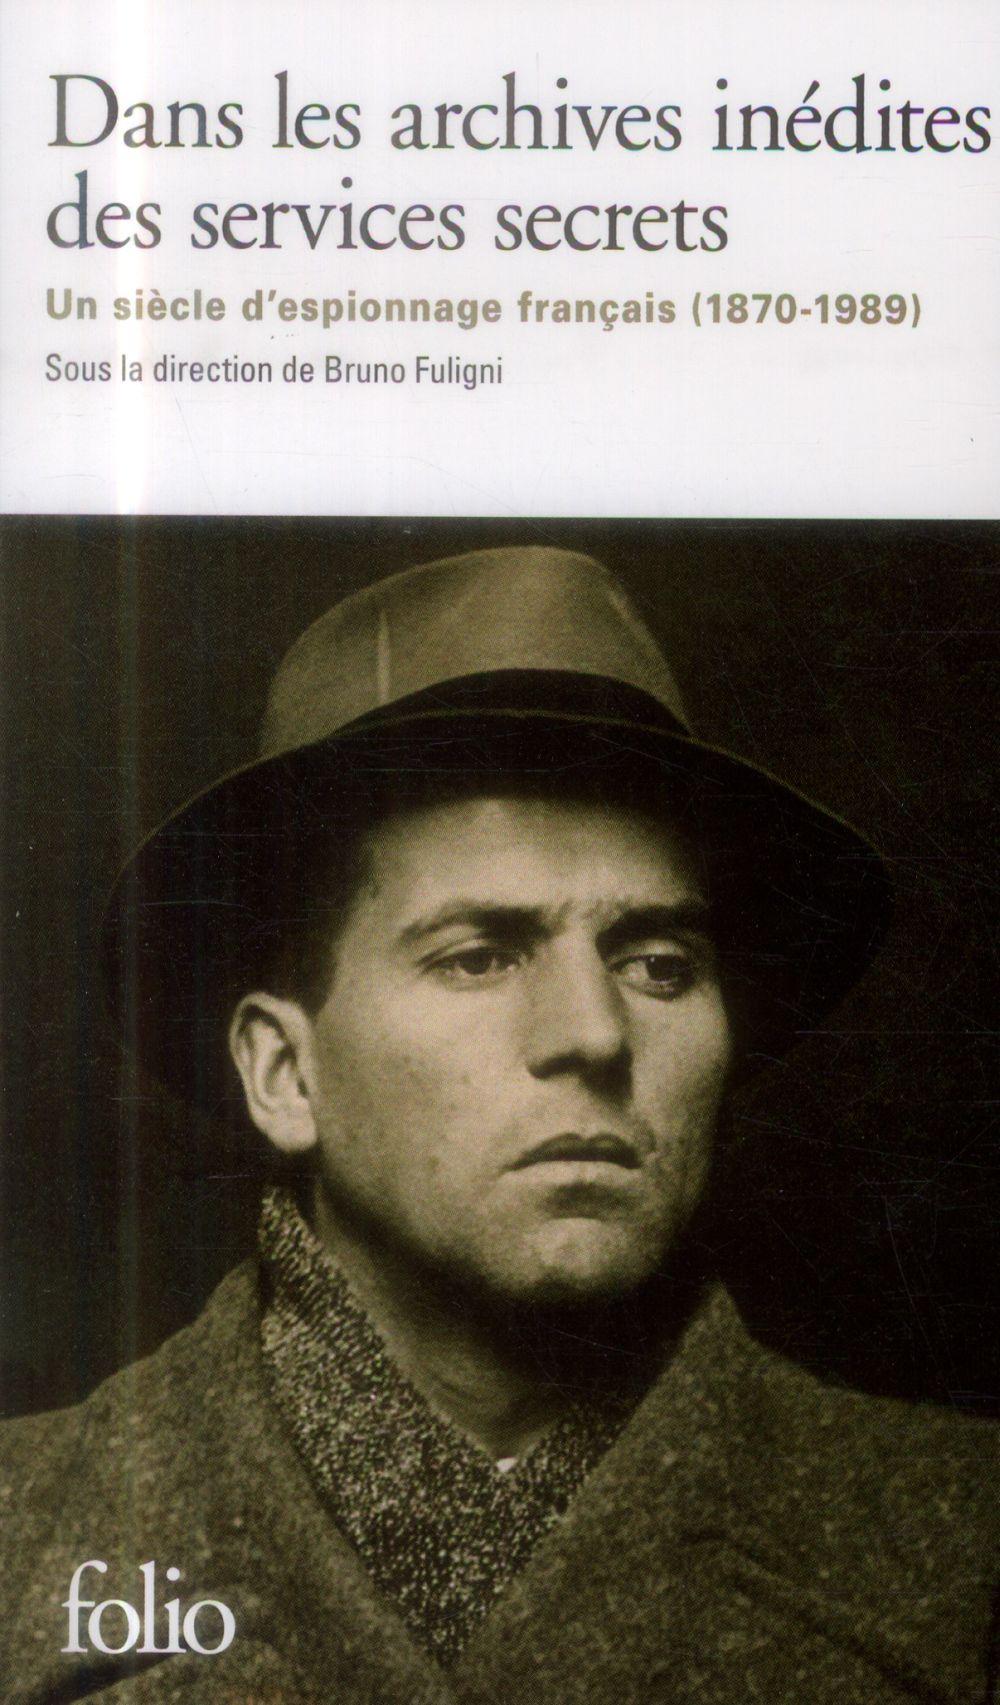 Dans les archives inédites des services secrets ; un siècle d'espionnage français (1870-1989)